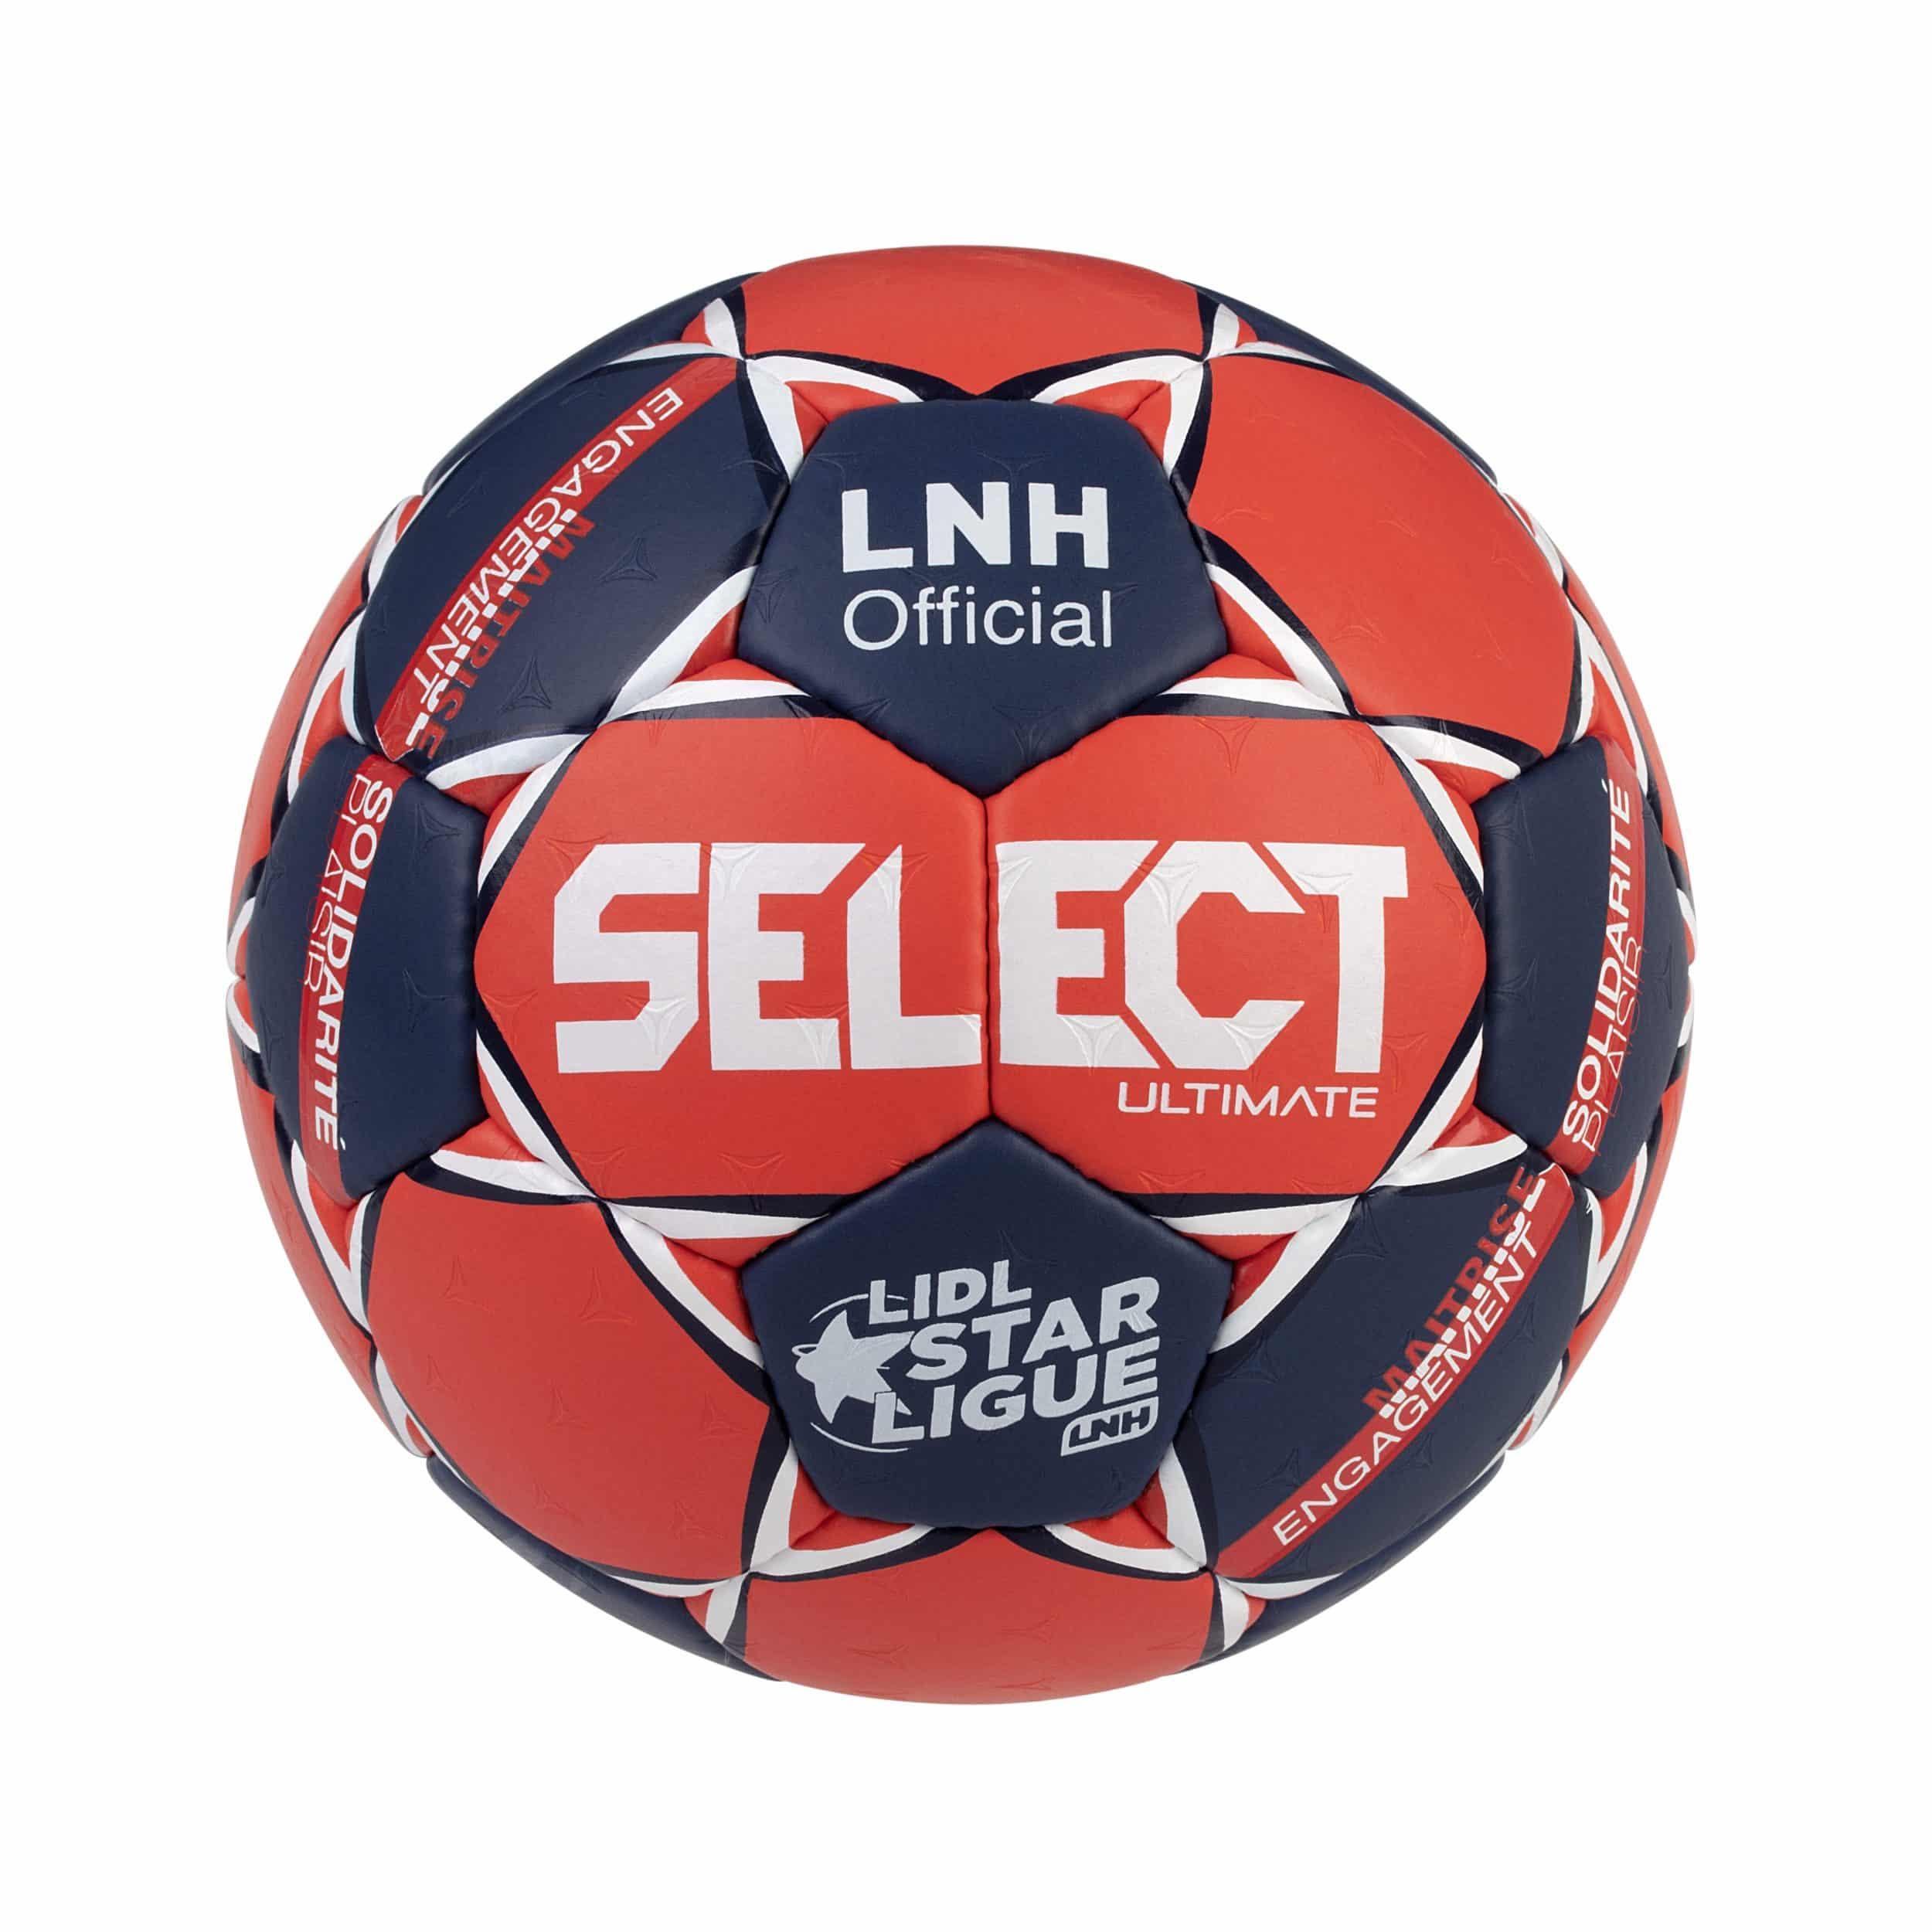 select-presente-le-nouveau-ballon-officiel-de-la-lnh-pour-la-saison-2020-2021-5